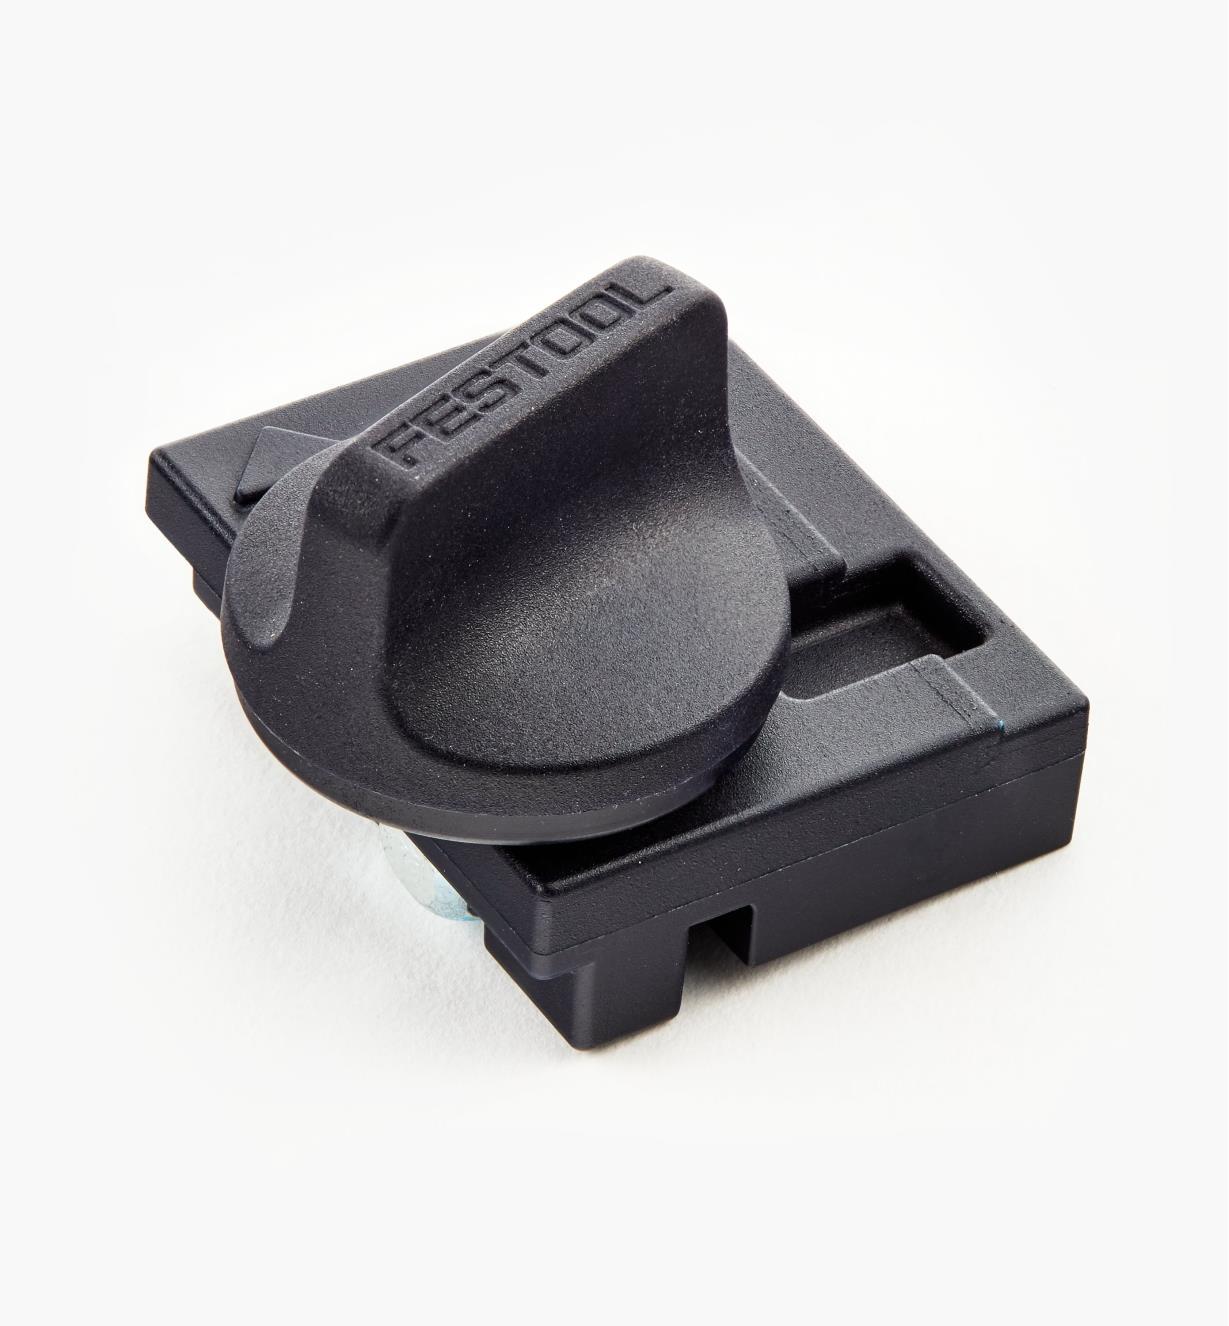 ZA491582 - Butée anti-recul